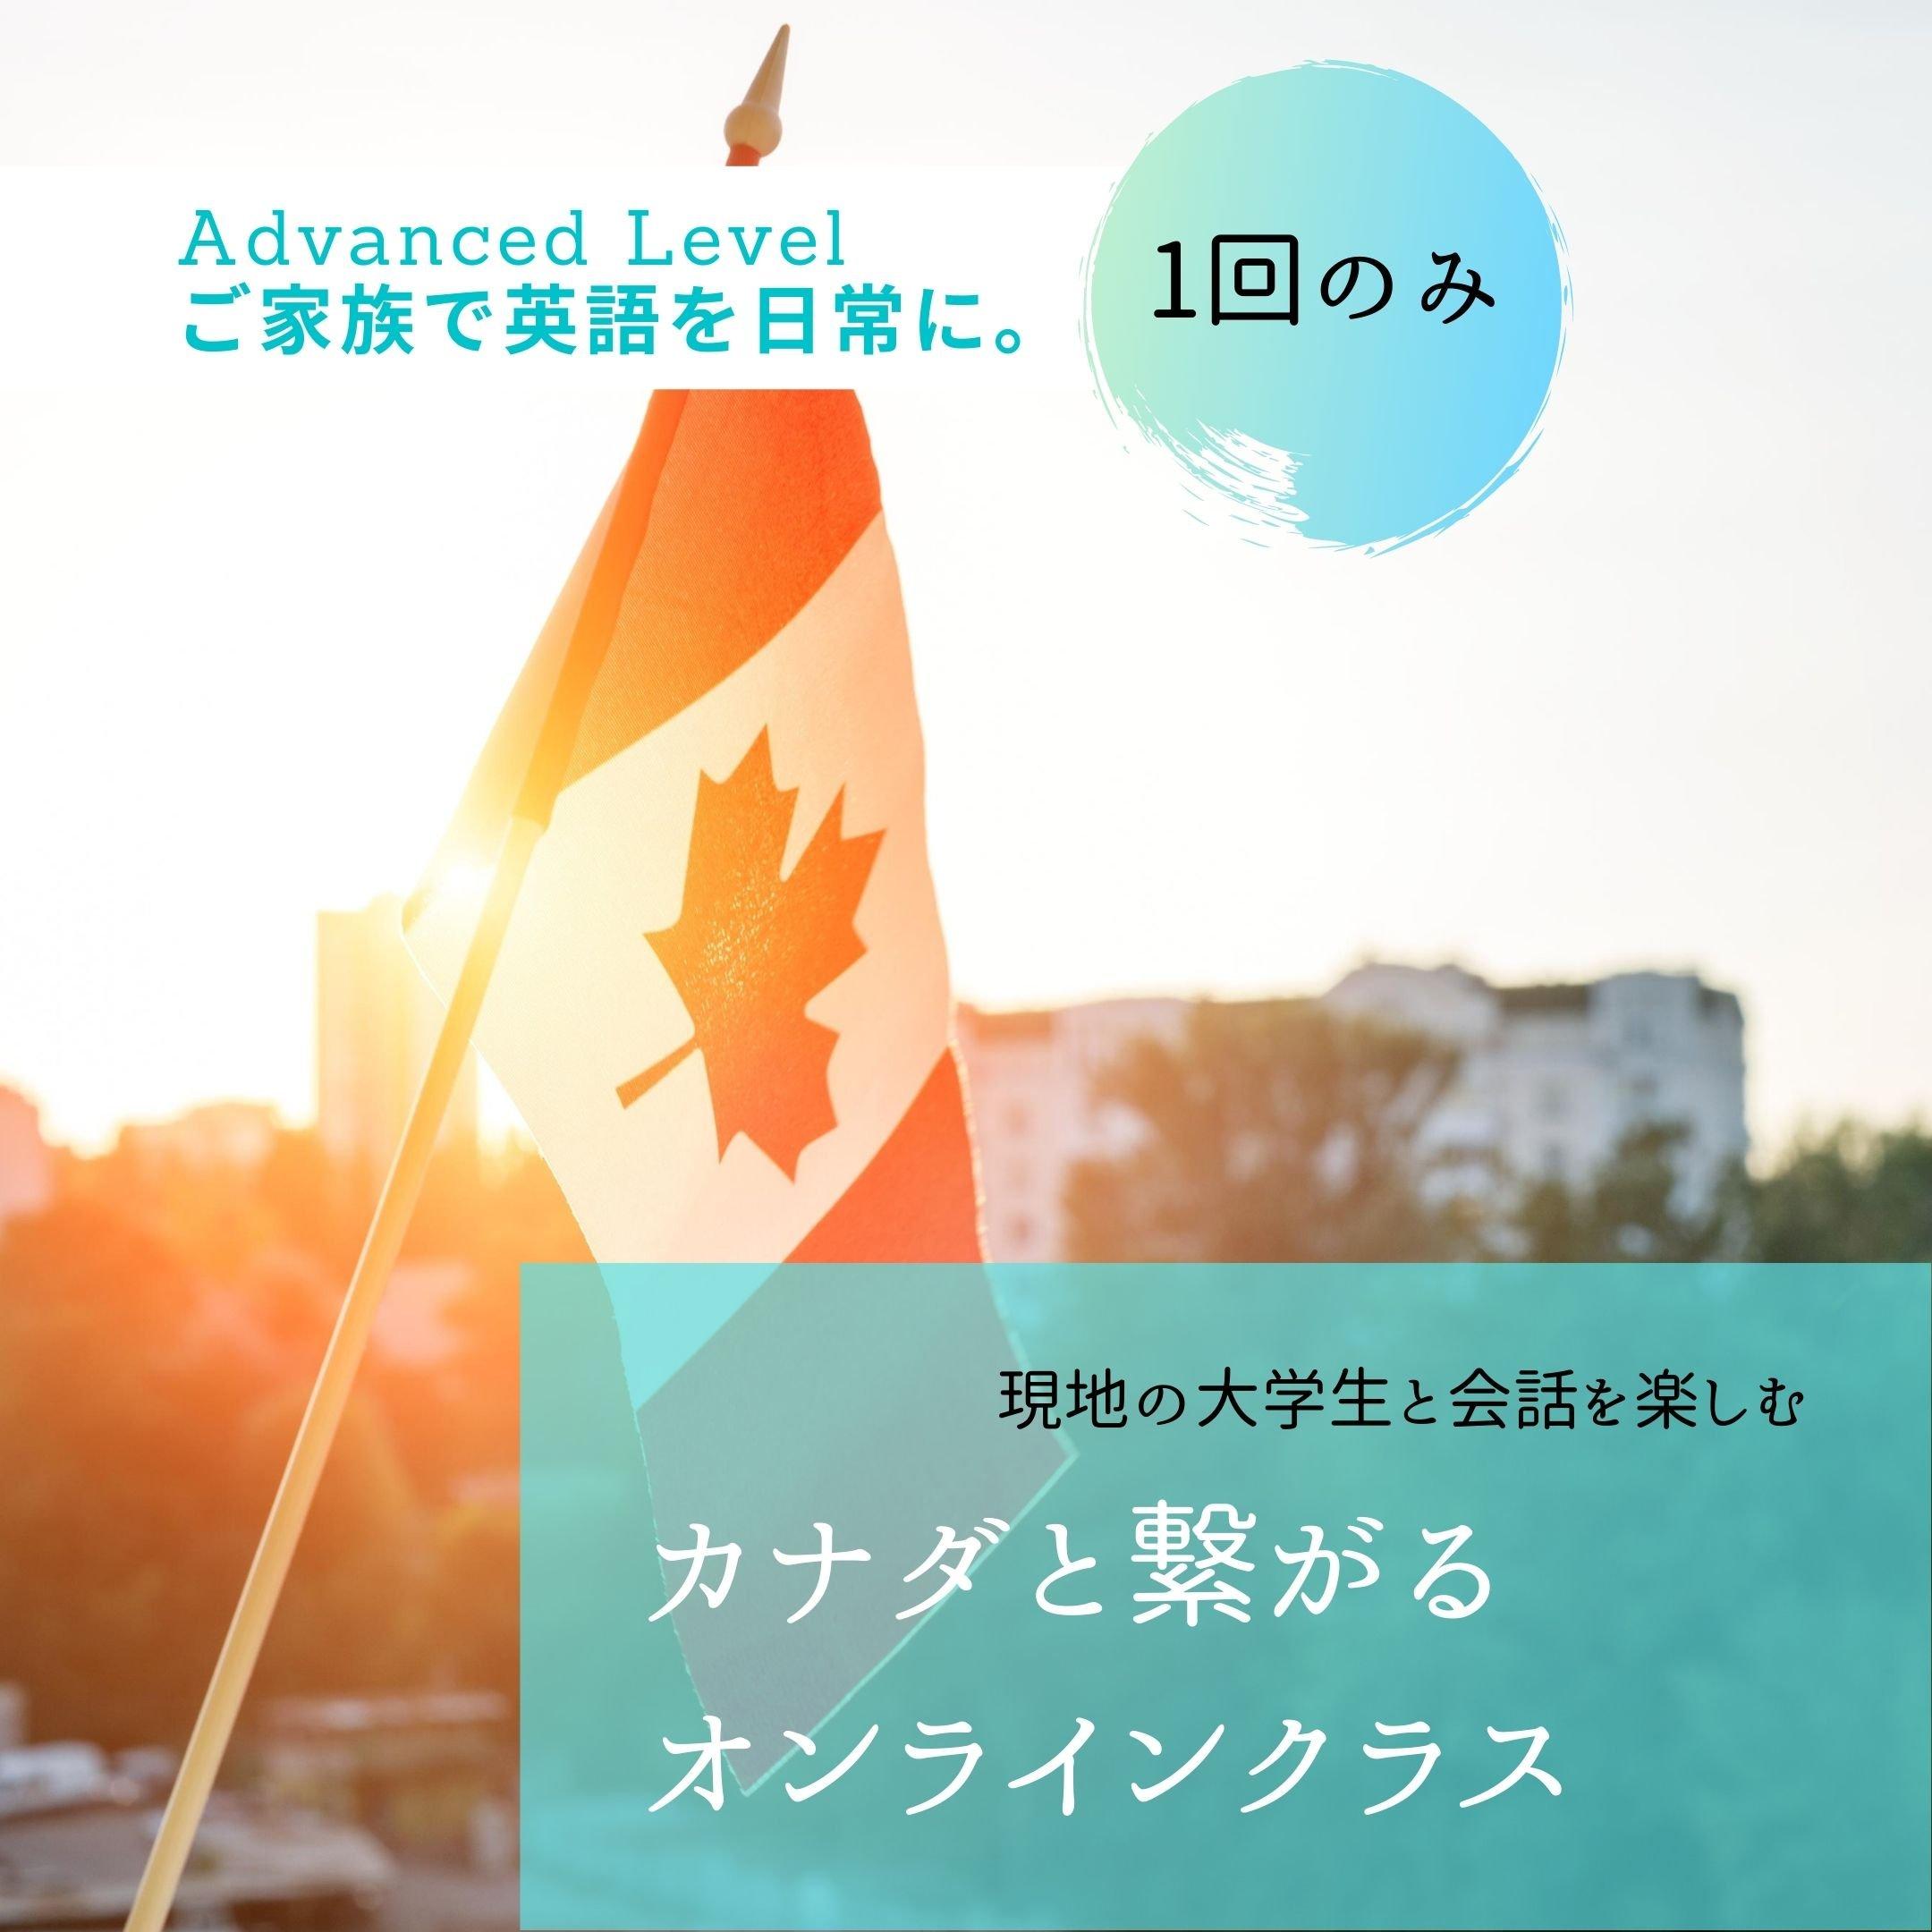 1回のみ【Advanced】カナダと繋がる英会話(9月は毎週土曜日開催!)のイメージその1